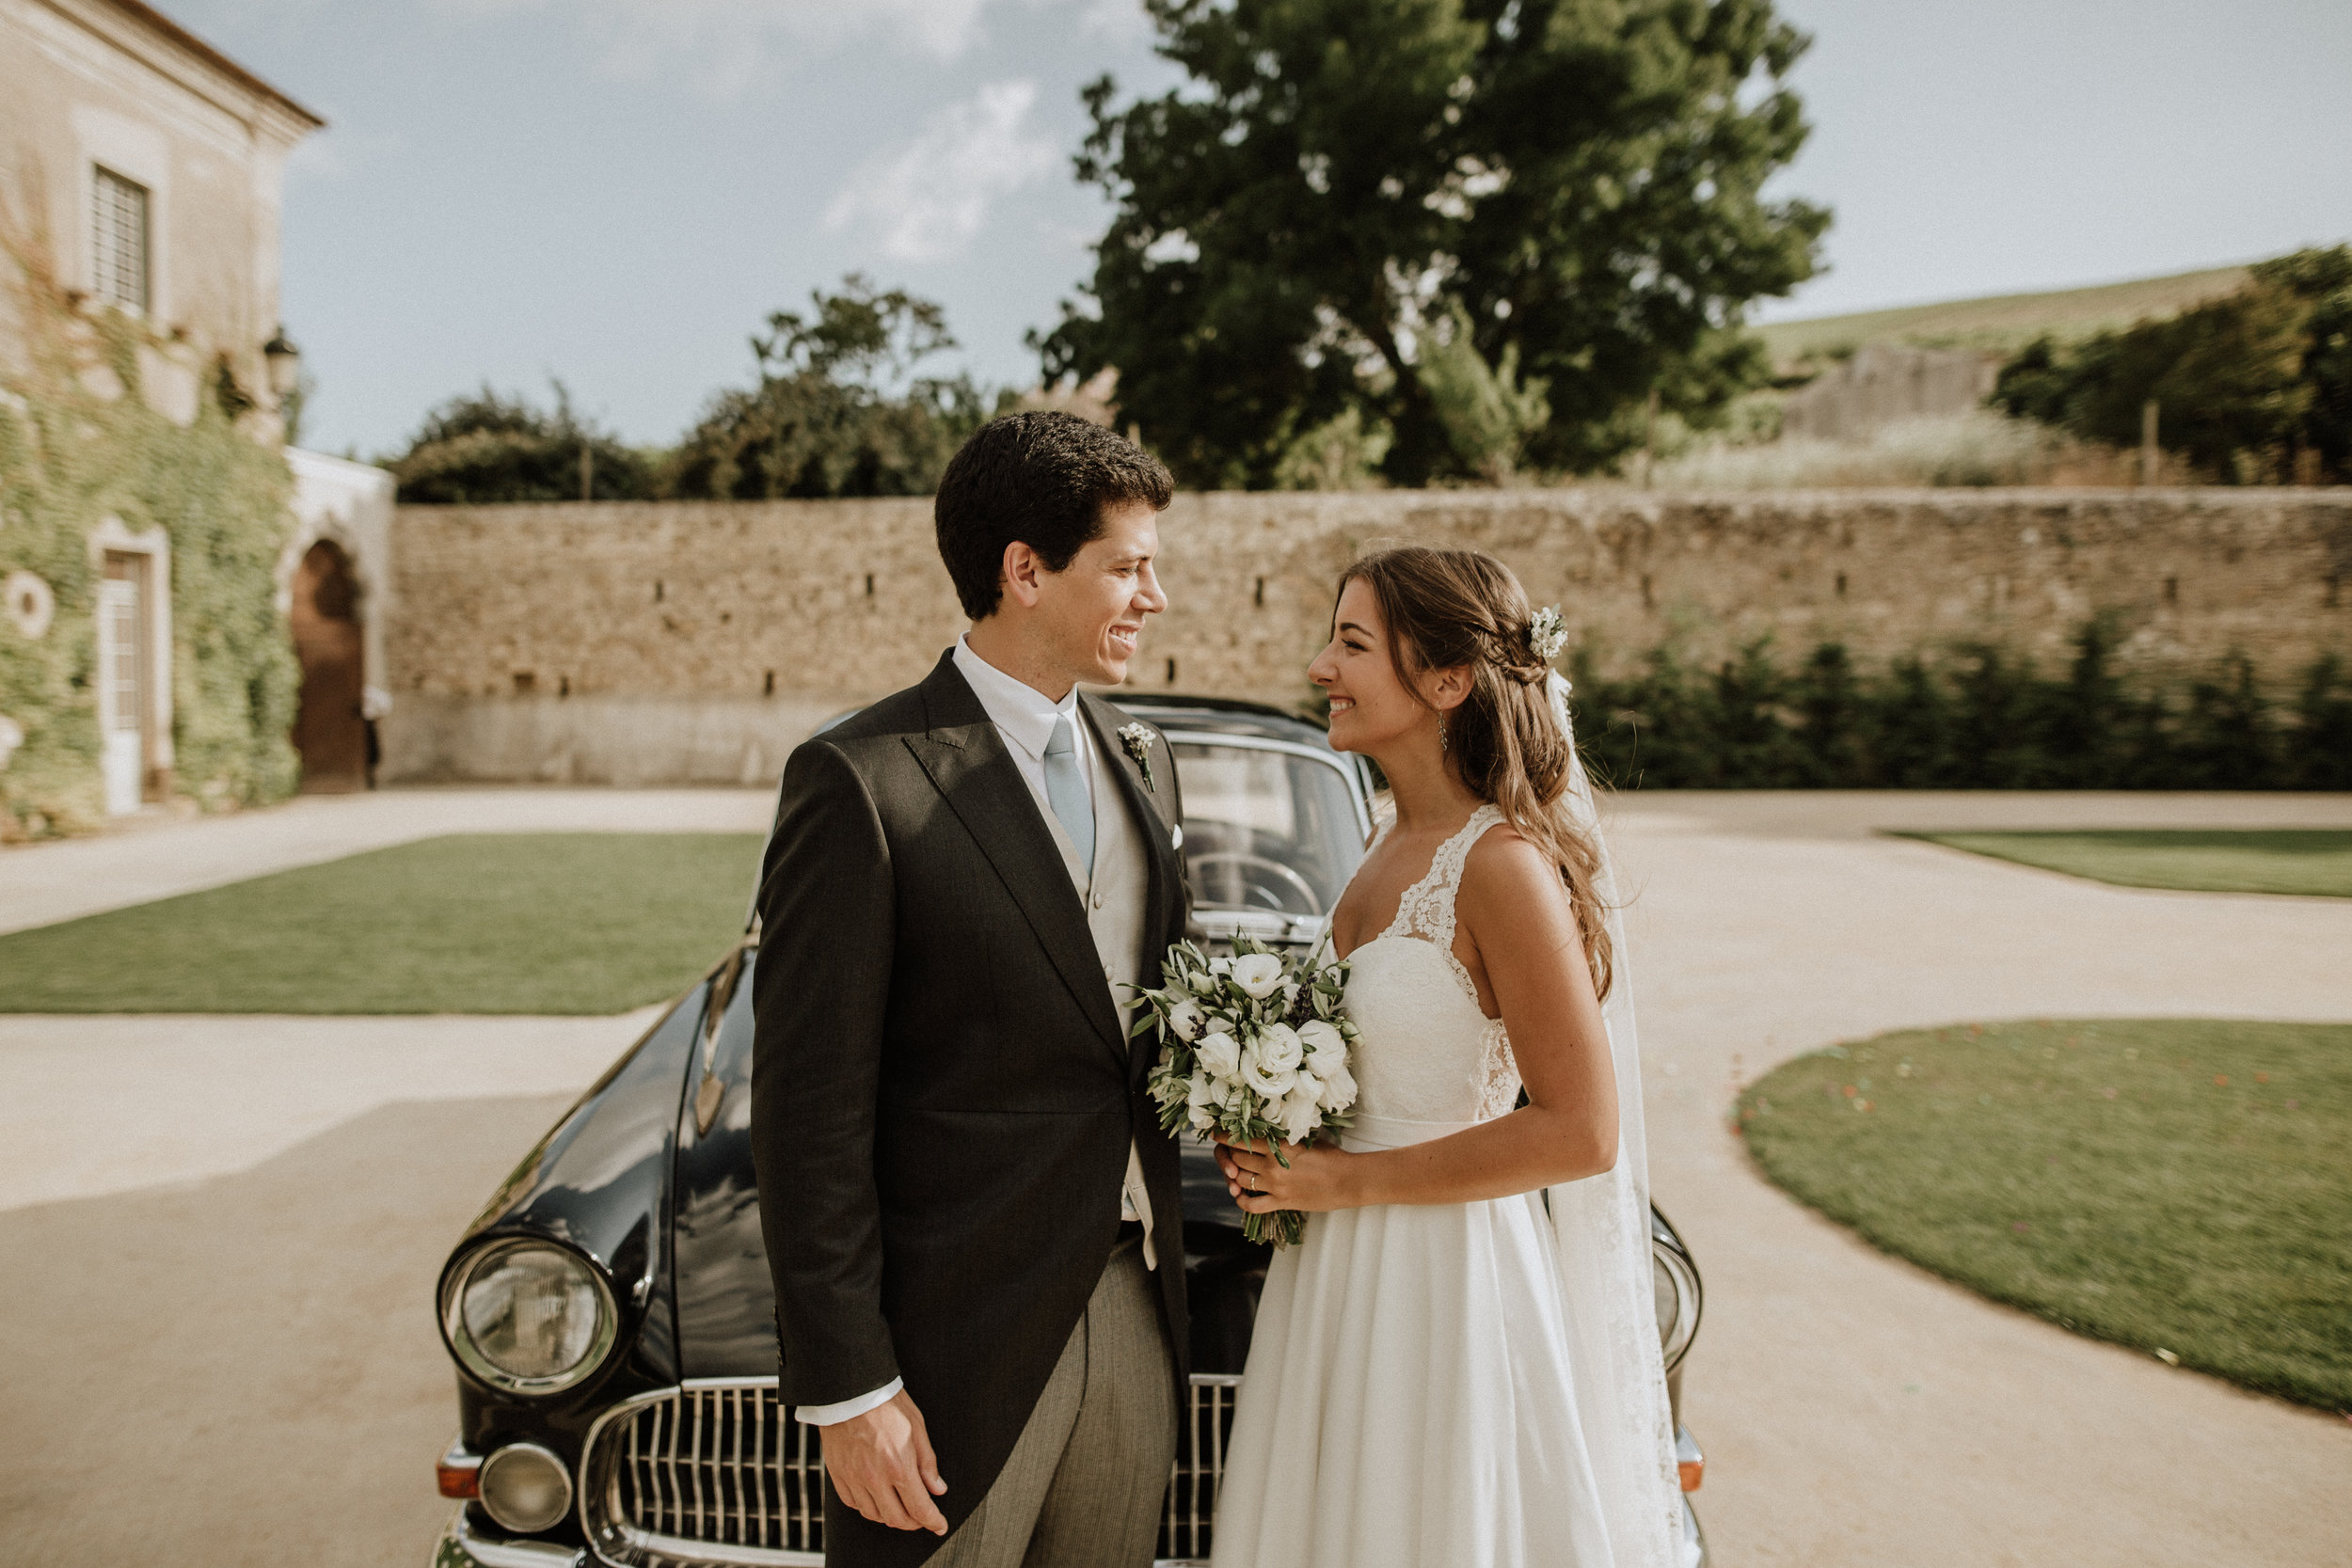 I&J_456_ 14_julho_2018 WEDDING DAY.jpg